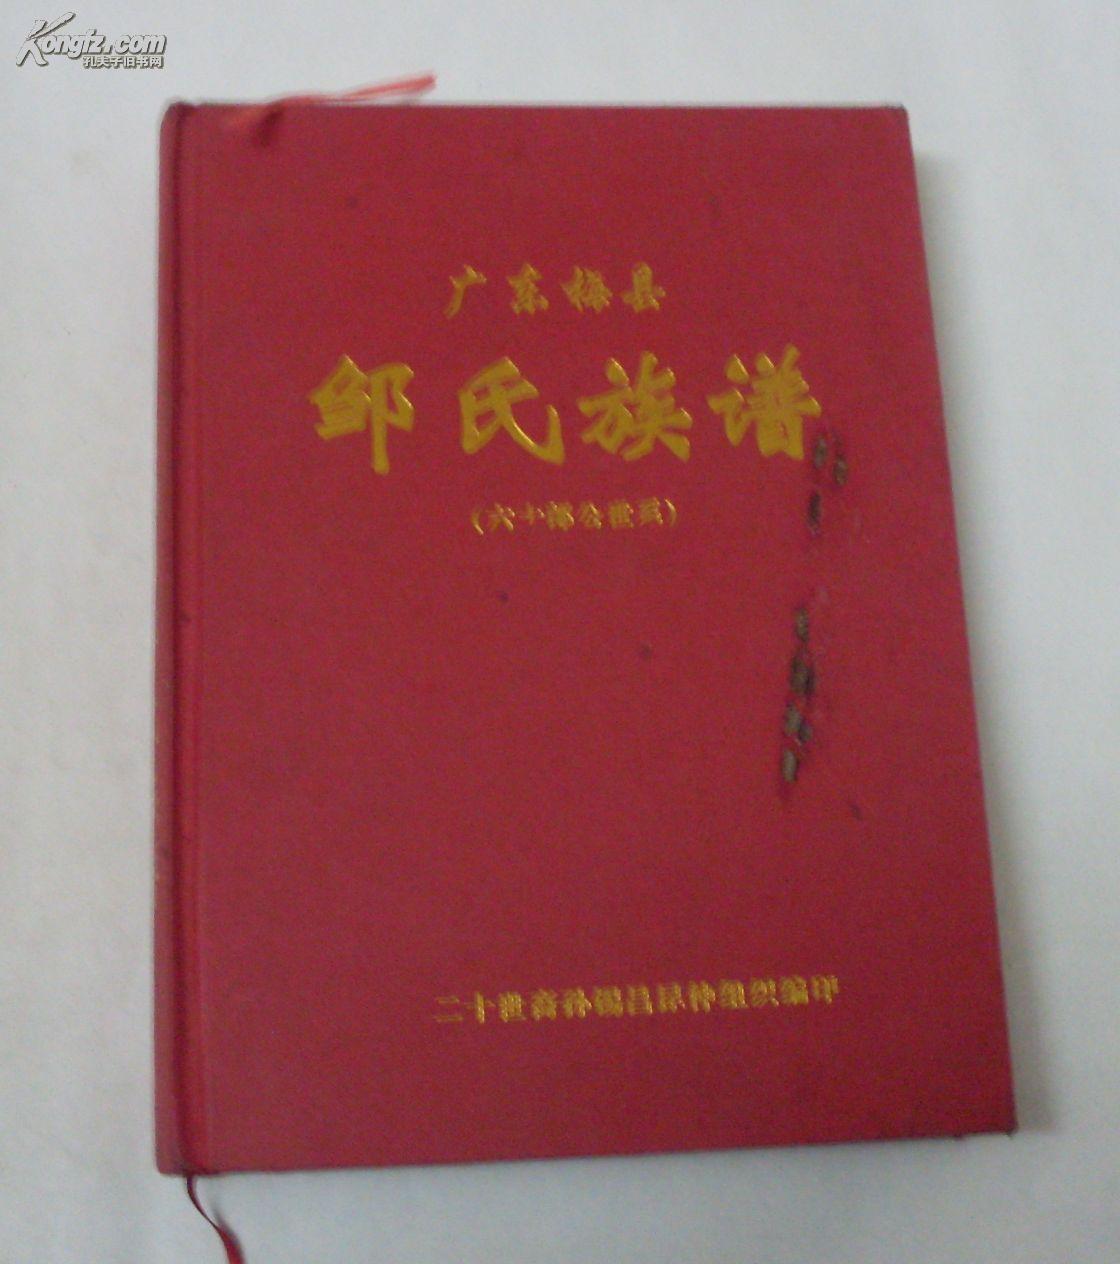 广东梅县邹氏族谱(六十郎公世系)